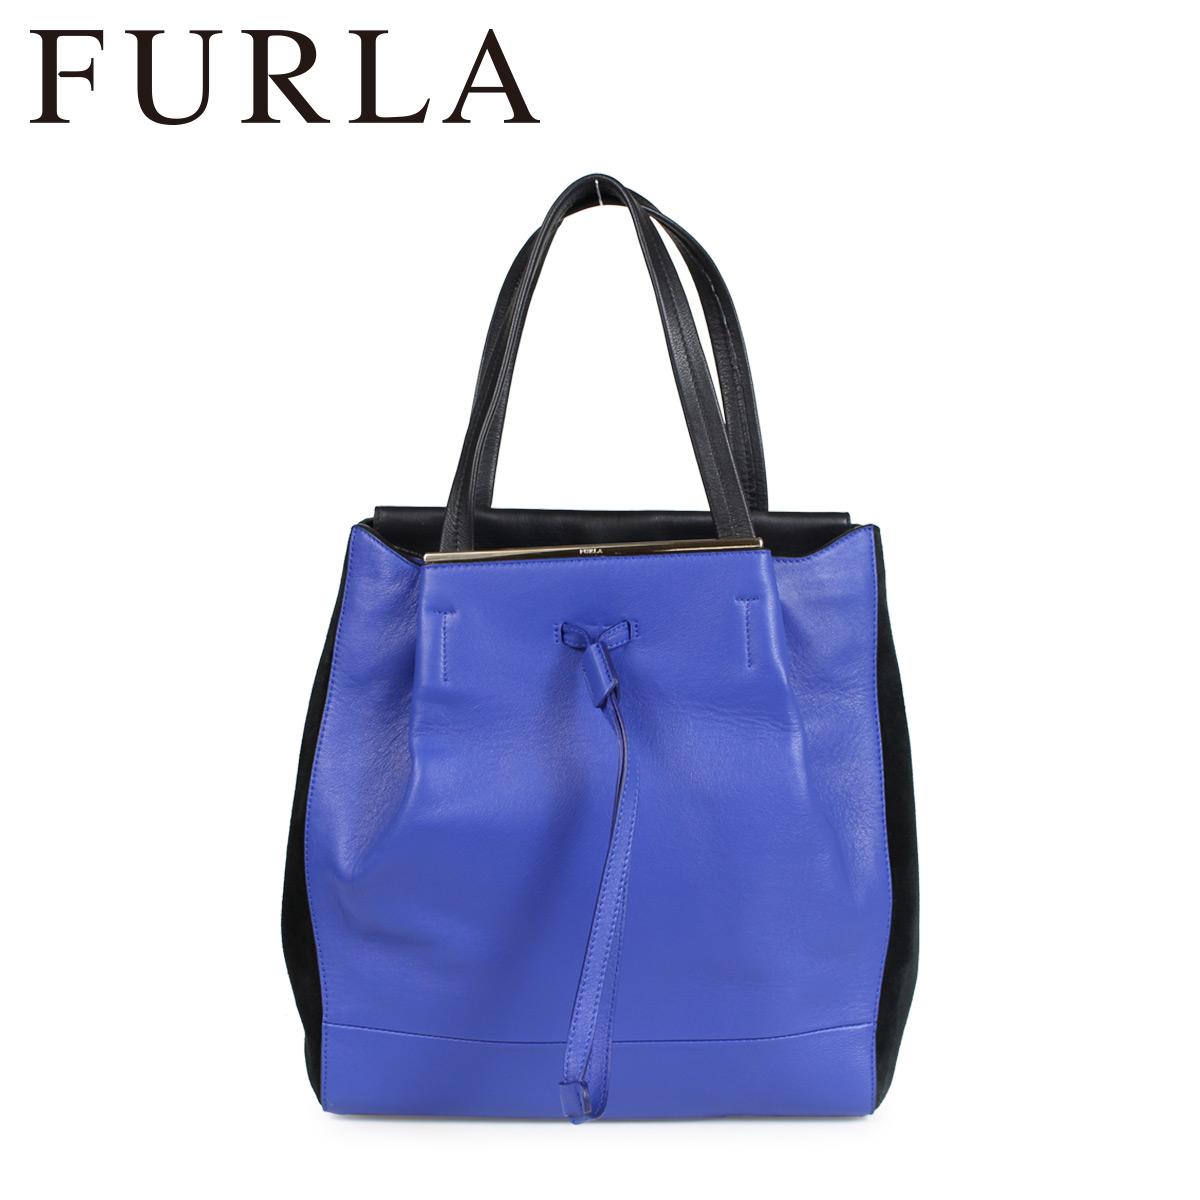 FURLA フルラ バッグ トートバッグ レディース TWIST TOTE BAG ブルー 768557